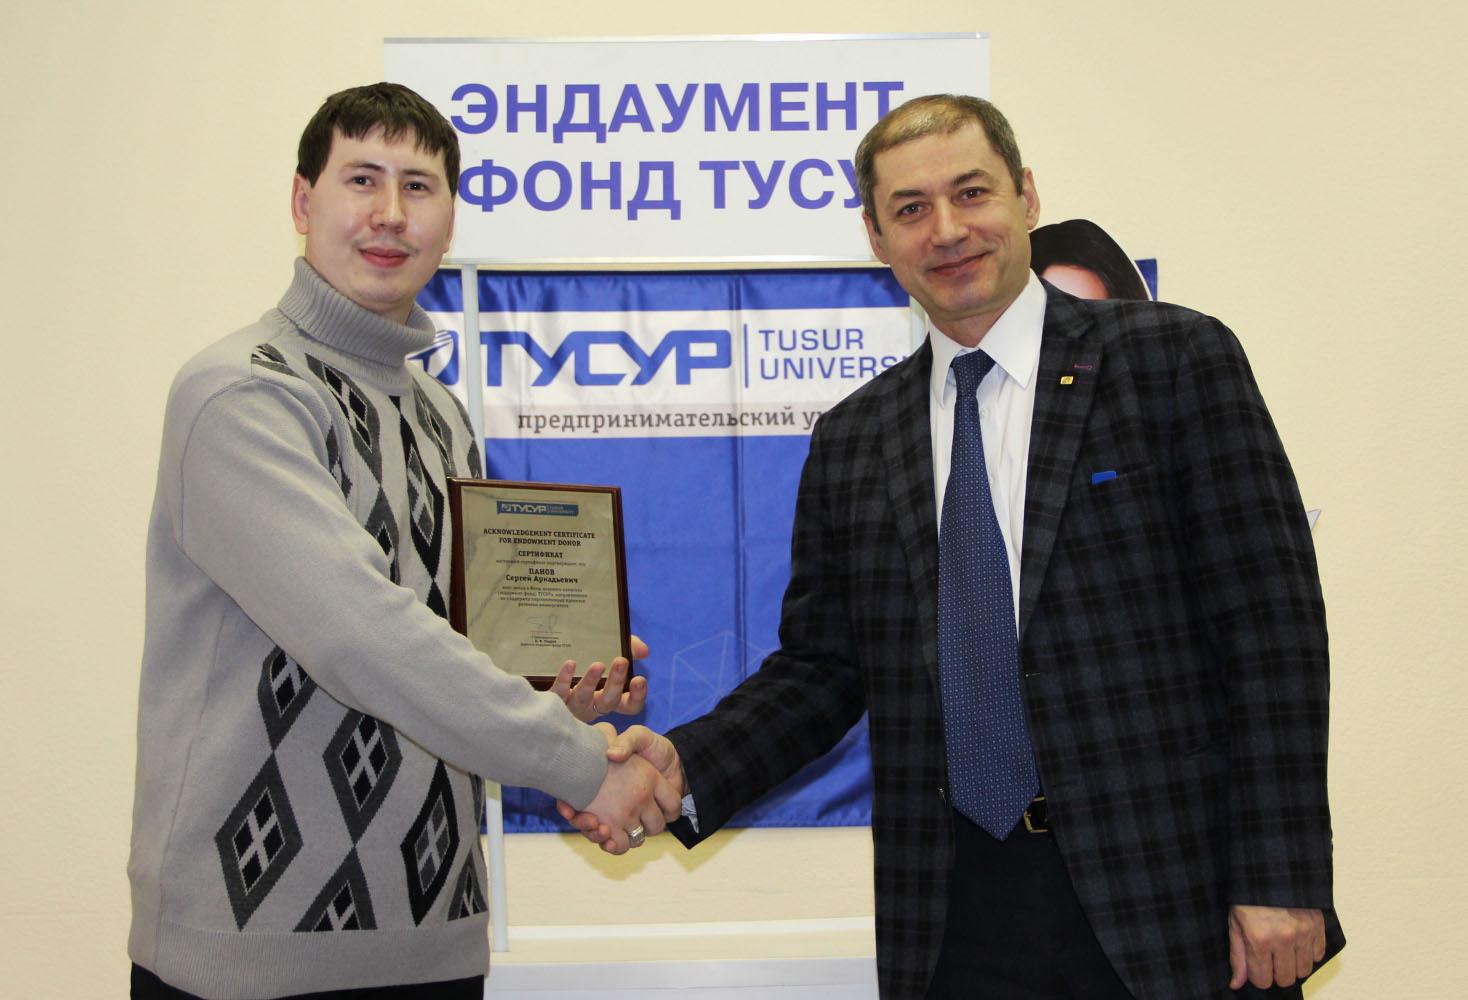 А.Ф.Уваров наградил памятным сертификатом первого жертвователя, совершившего онлайн-взнос вэндаумент-фонд ТУСУРа